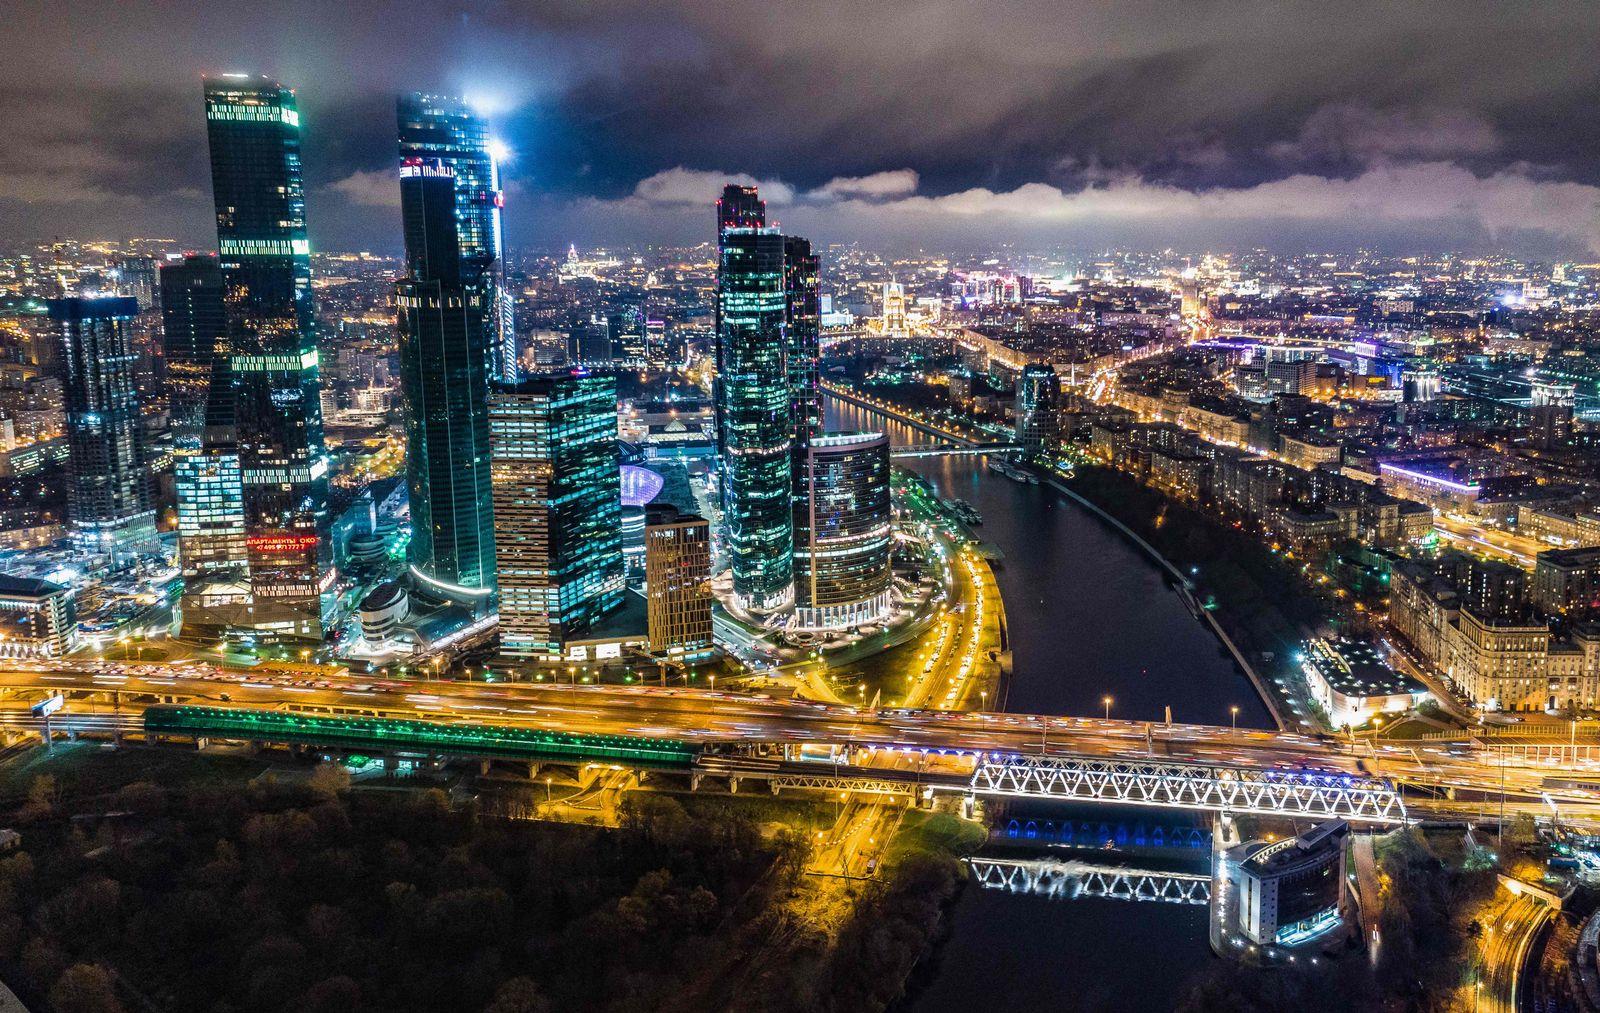 RUSSIA-LANDSCAPE-ARCHITECTURE